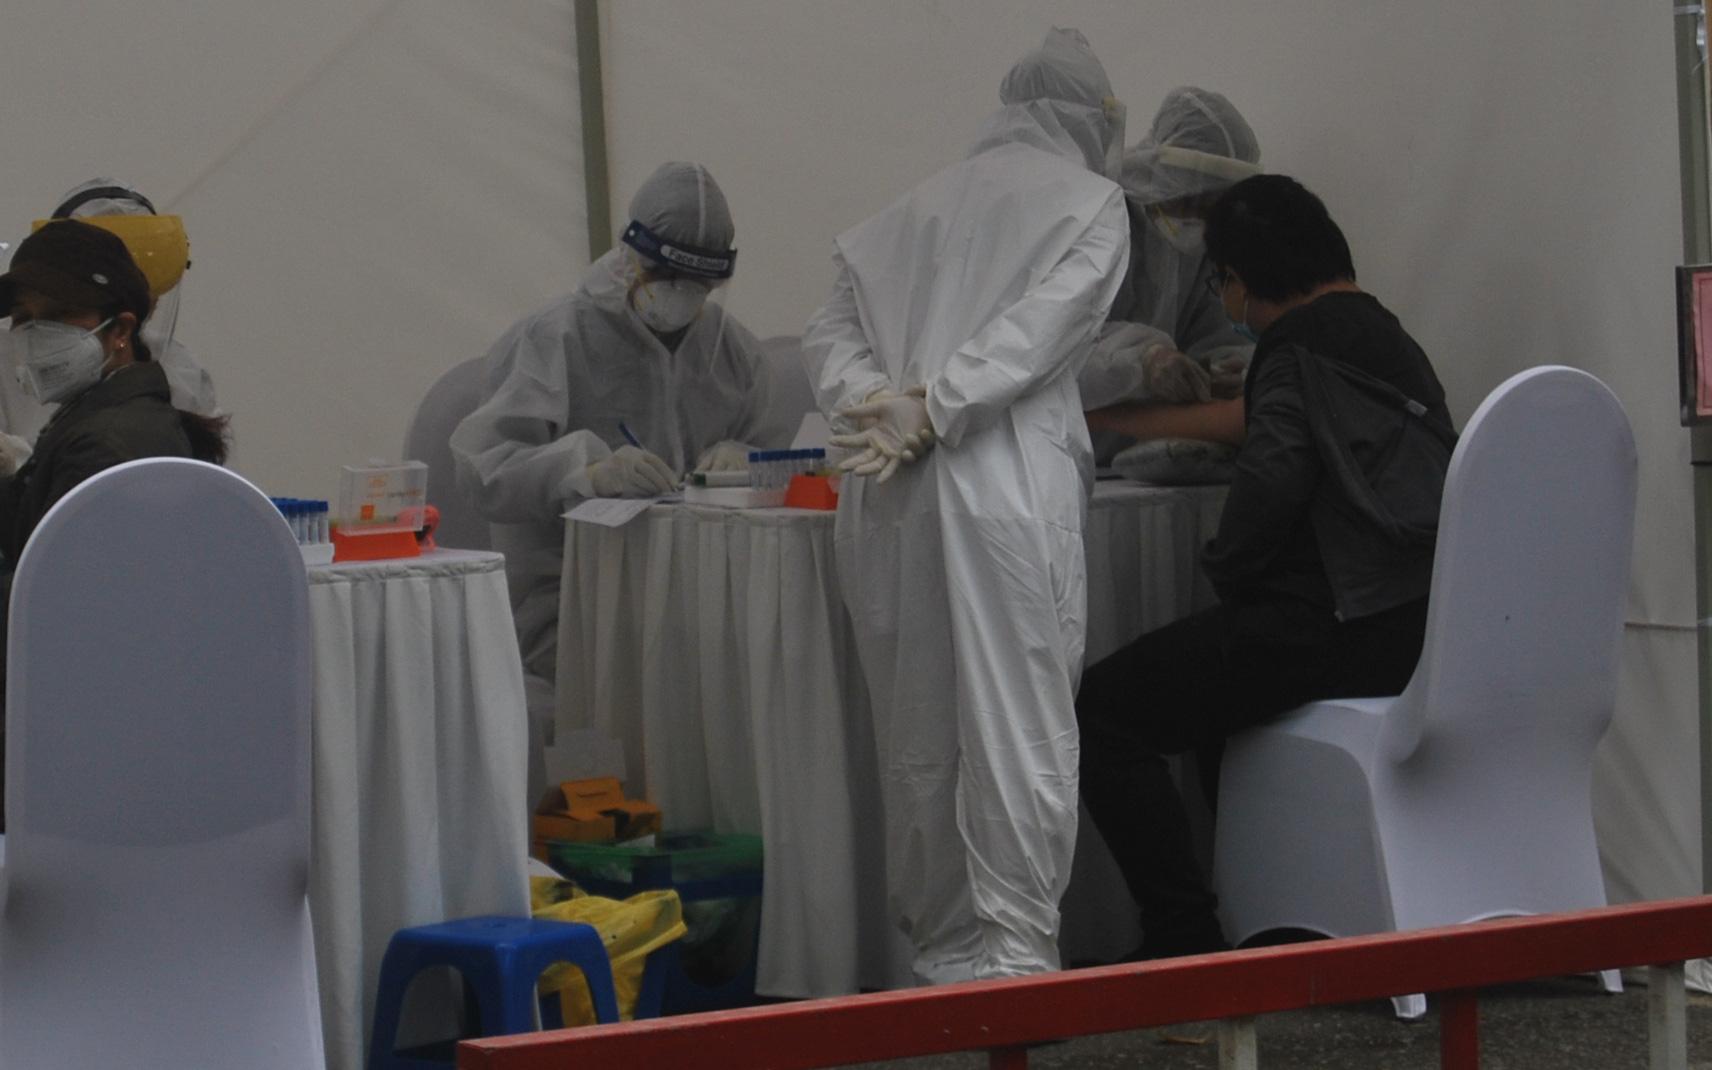 Hà Nội: Phát hiện 3 trường hợp nghi ngờ nhiễm COVID-19 qua xét nghiệm nhanh kết quả sau 10 phút